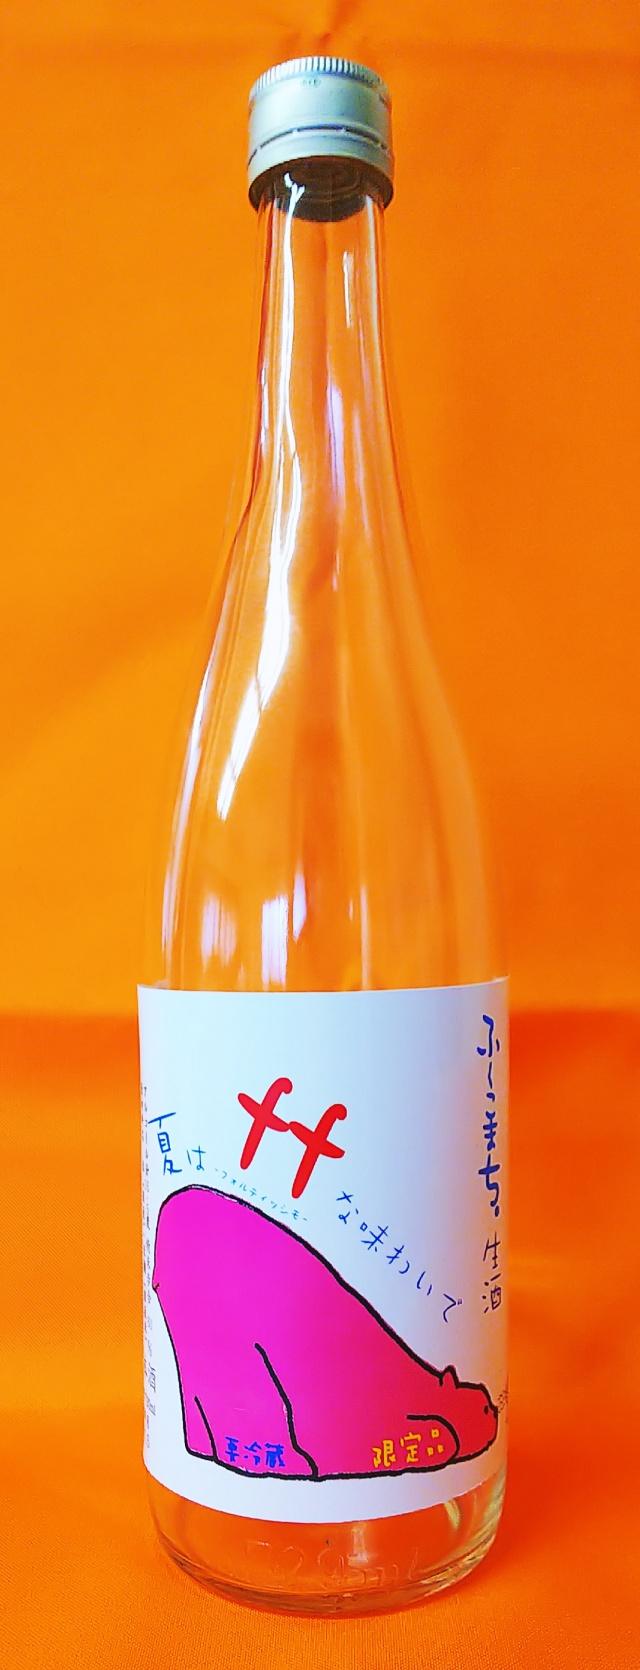 【蔵元限定品!】純米生酒 夏はffな味わいで (720ml)